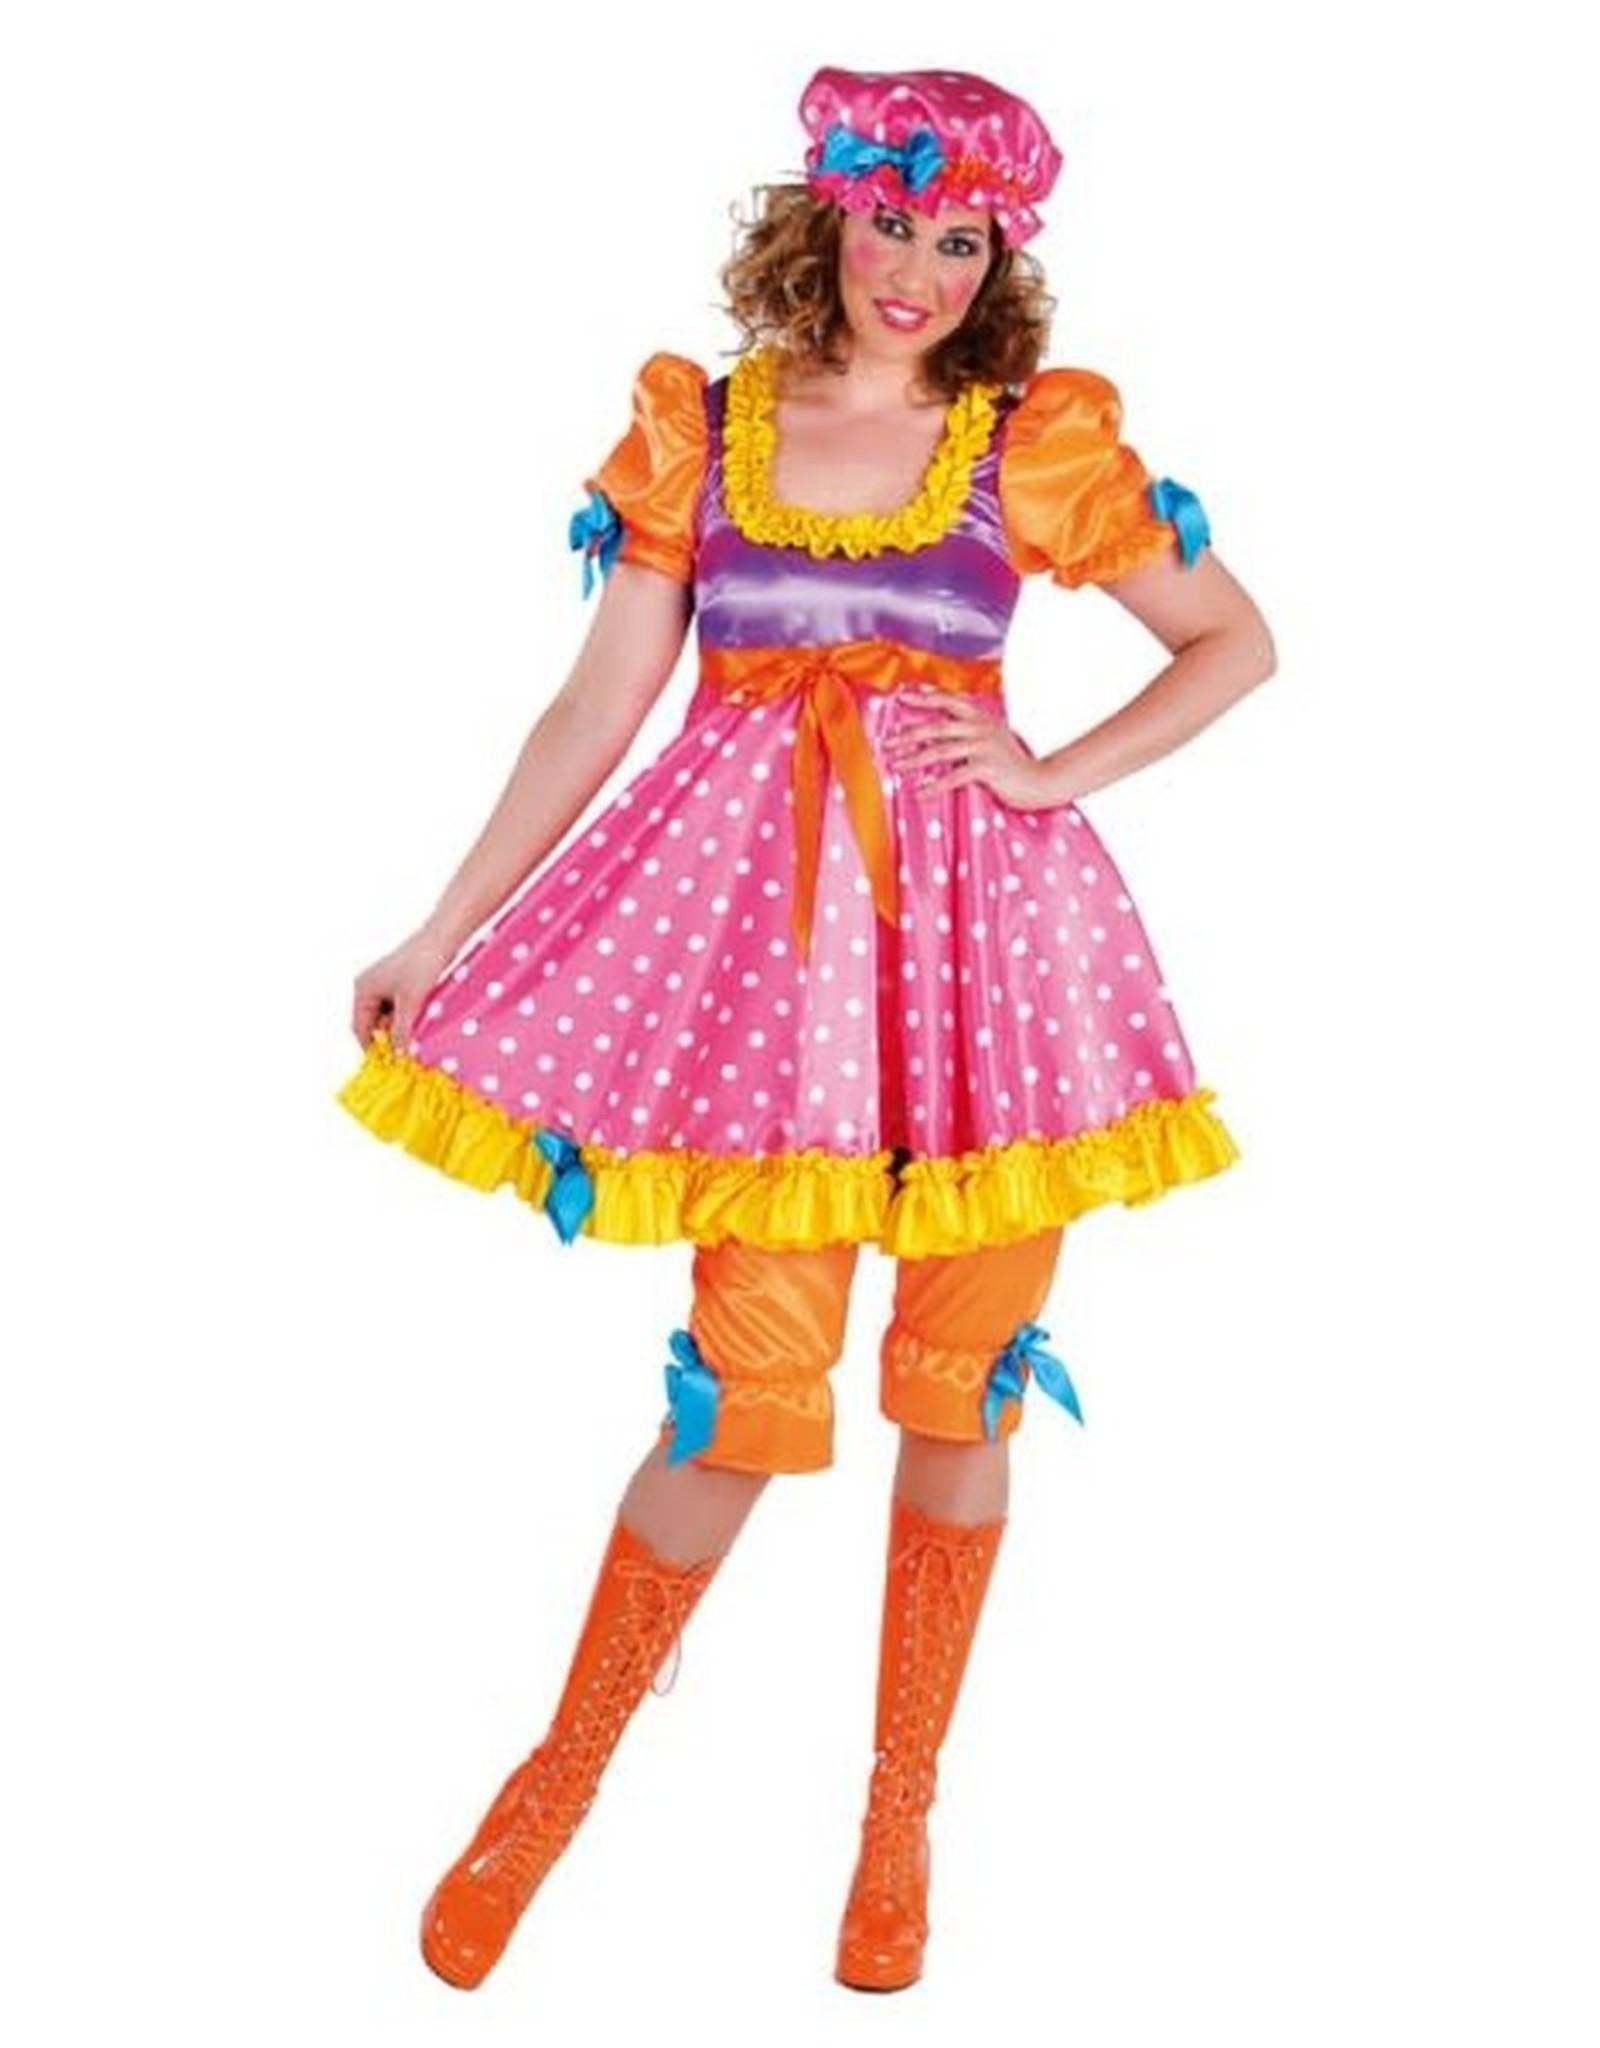 MAGIC Clown Popelientje huurprijs 20